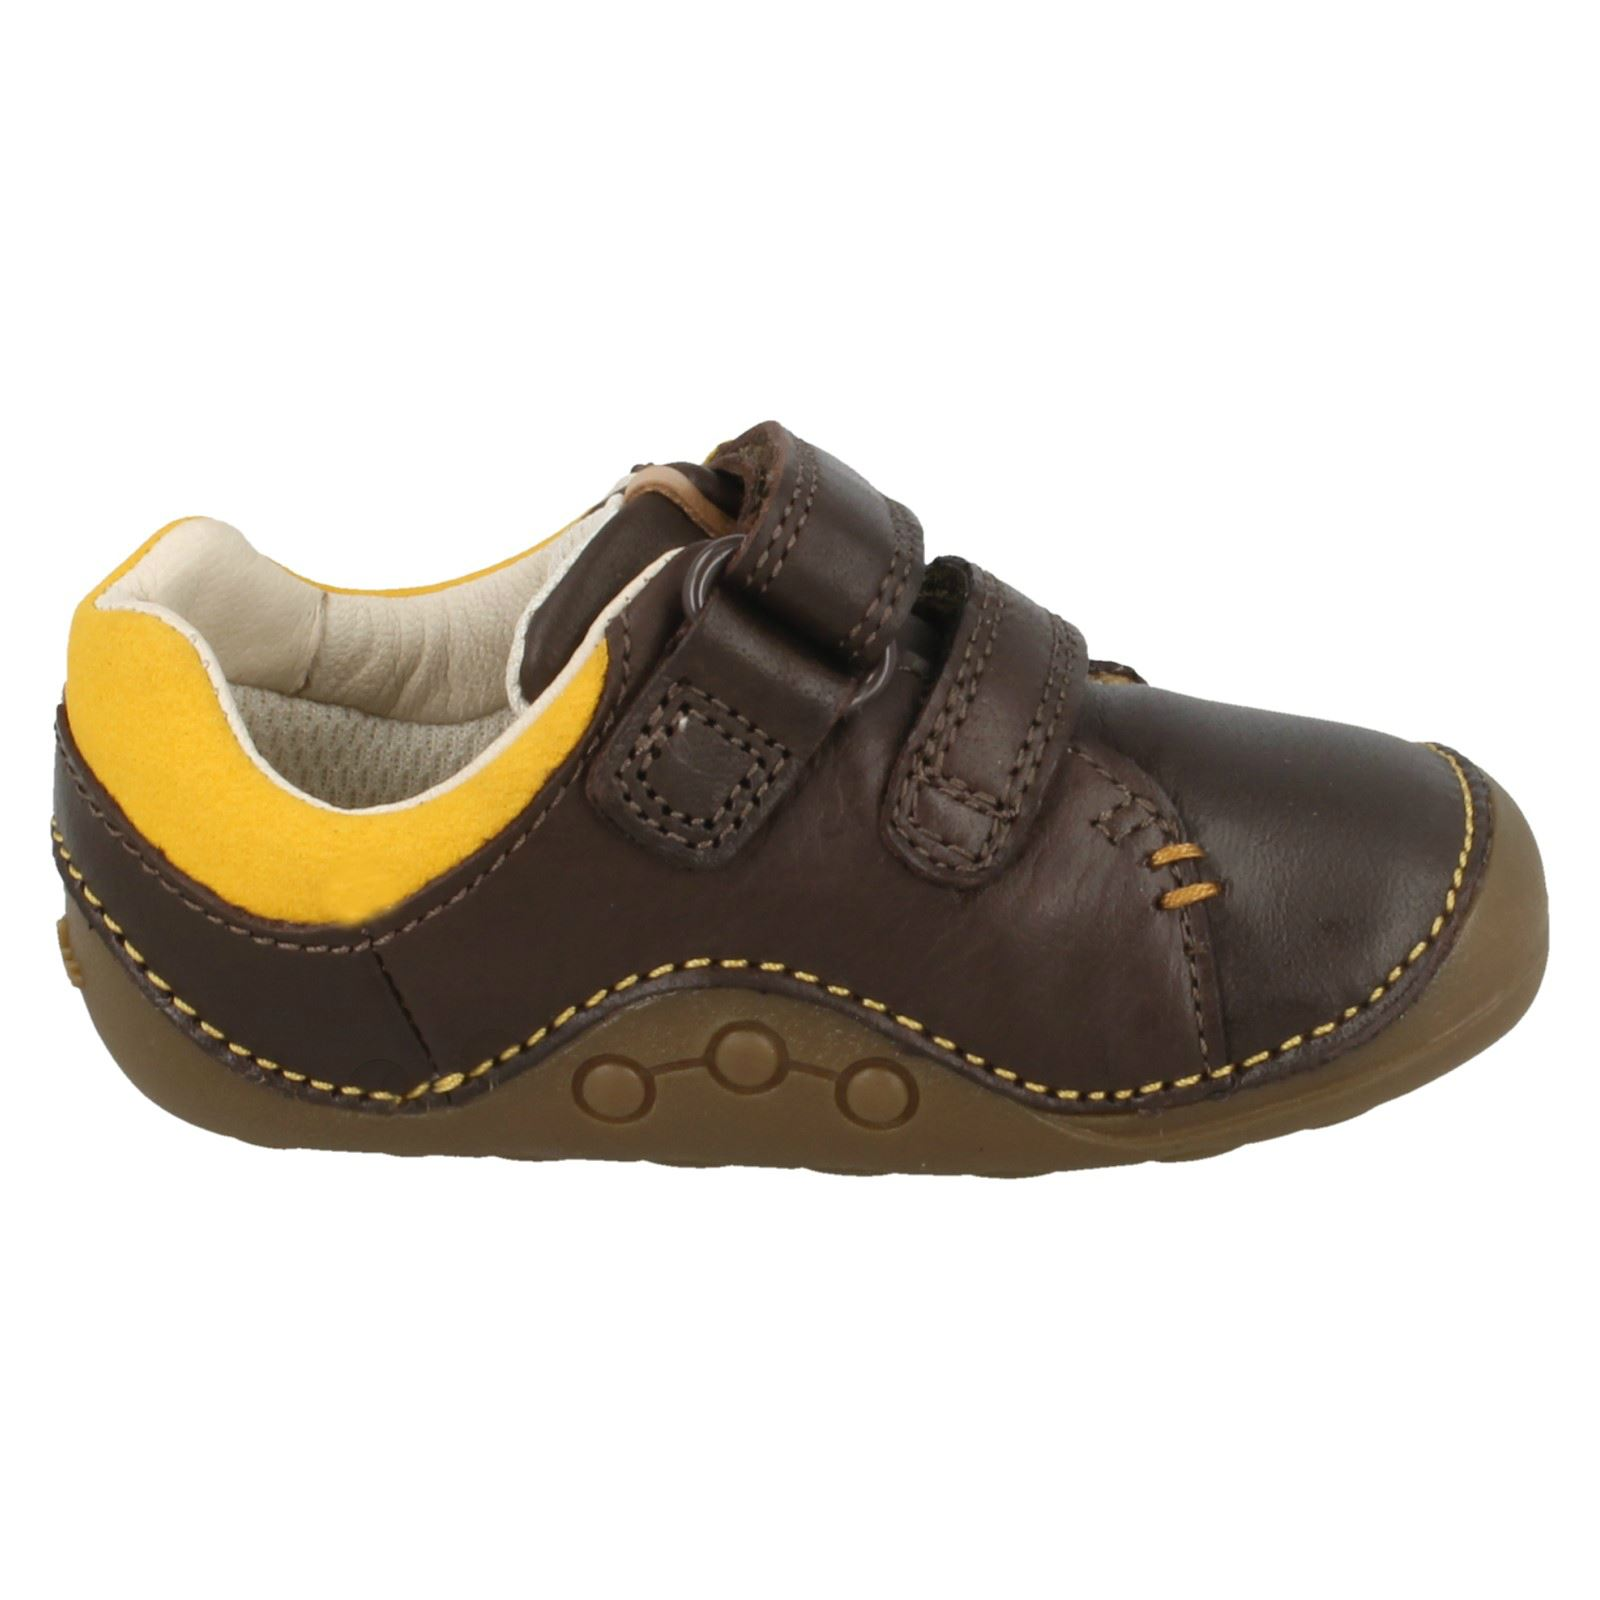 Clarks Toby Pequeño Zapatos' ' Primeros Niños fZpPqw6pR